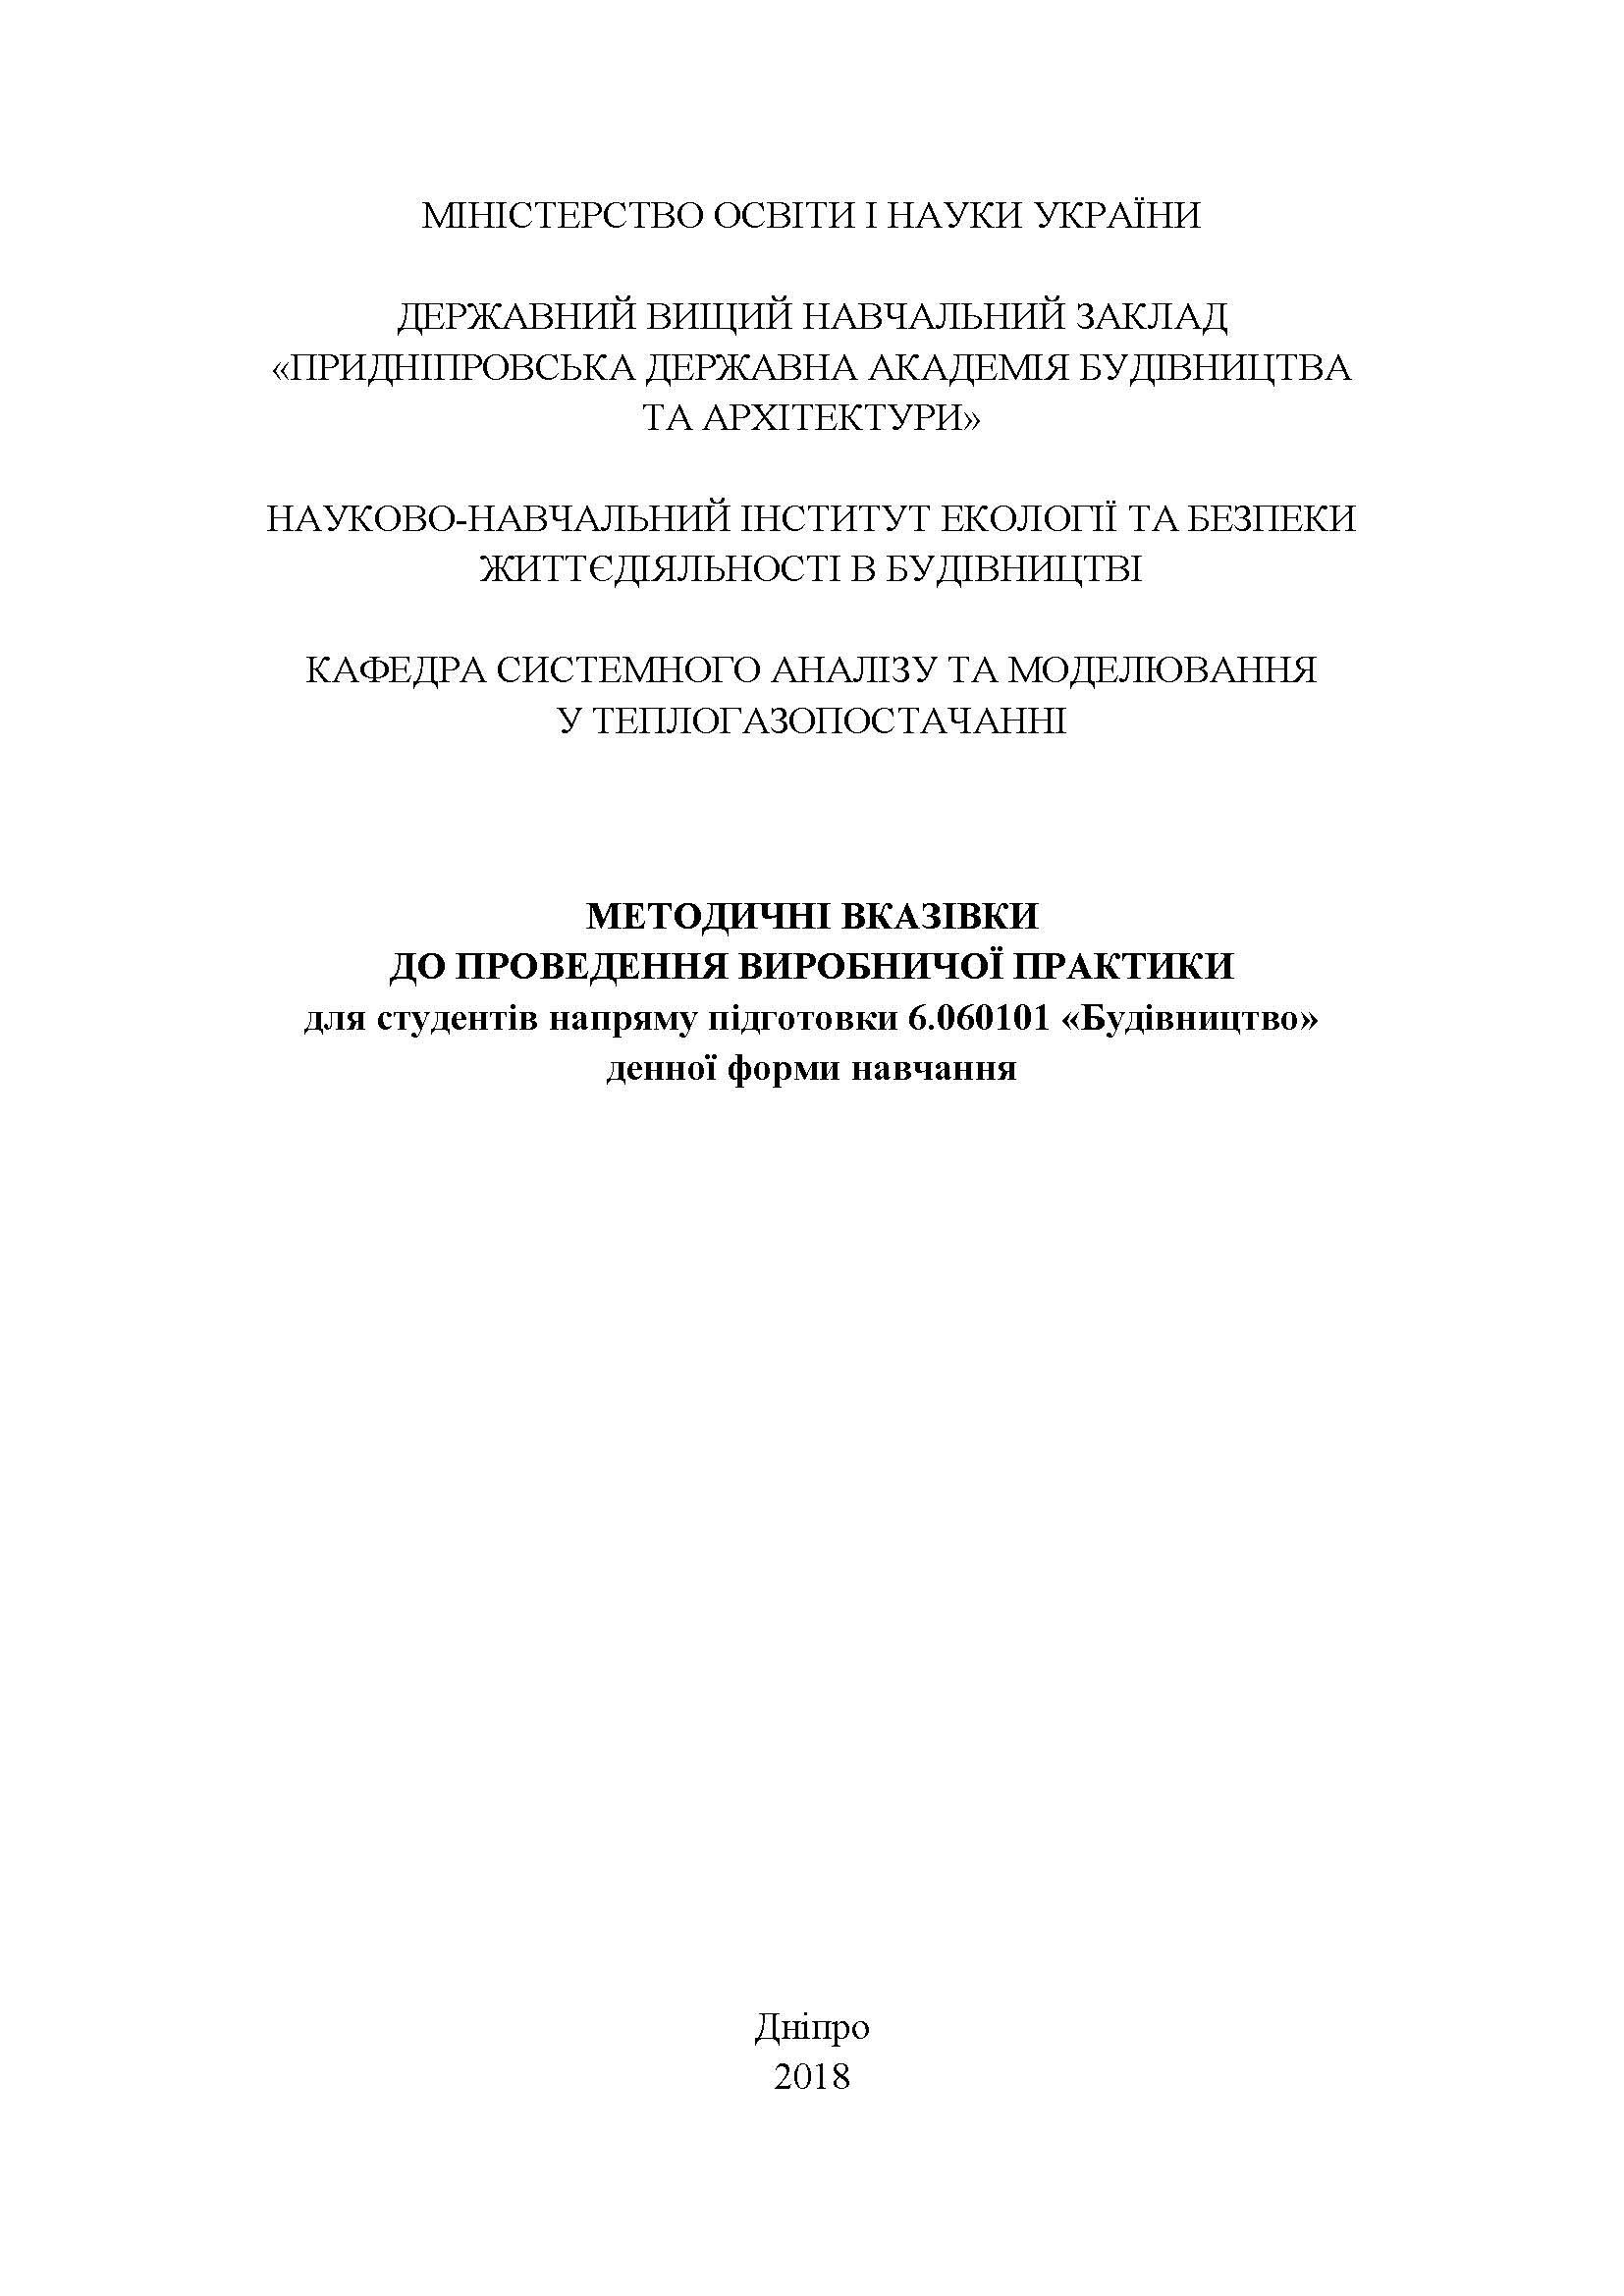 Методичні вказівки до проведення виробничої практики для студентів напряму підготовки 6.060101 «Будівництво», 2018